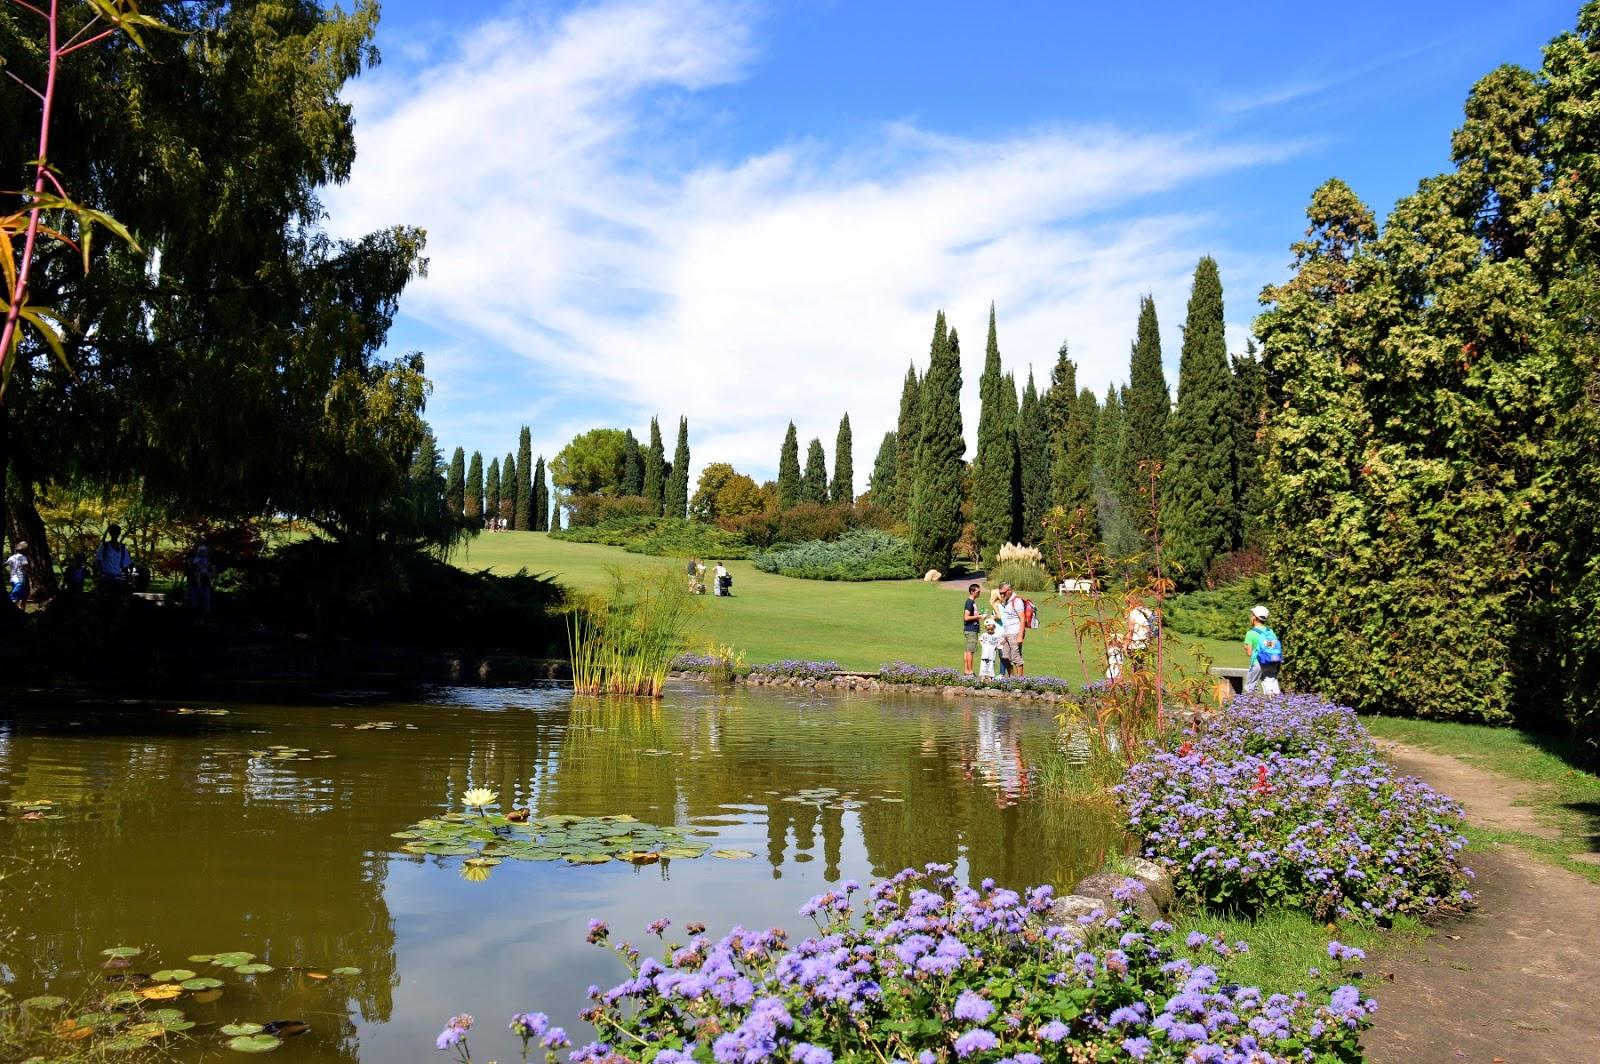 Il parco giardino sigurt camminare nel tempio della natura montagna di viaggi il blog - Il giardino di elizabeth ...